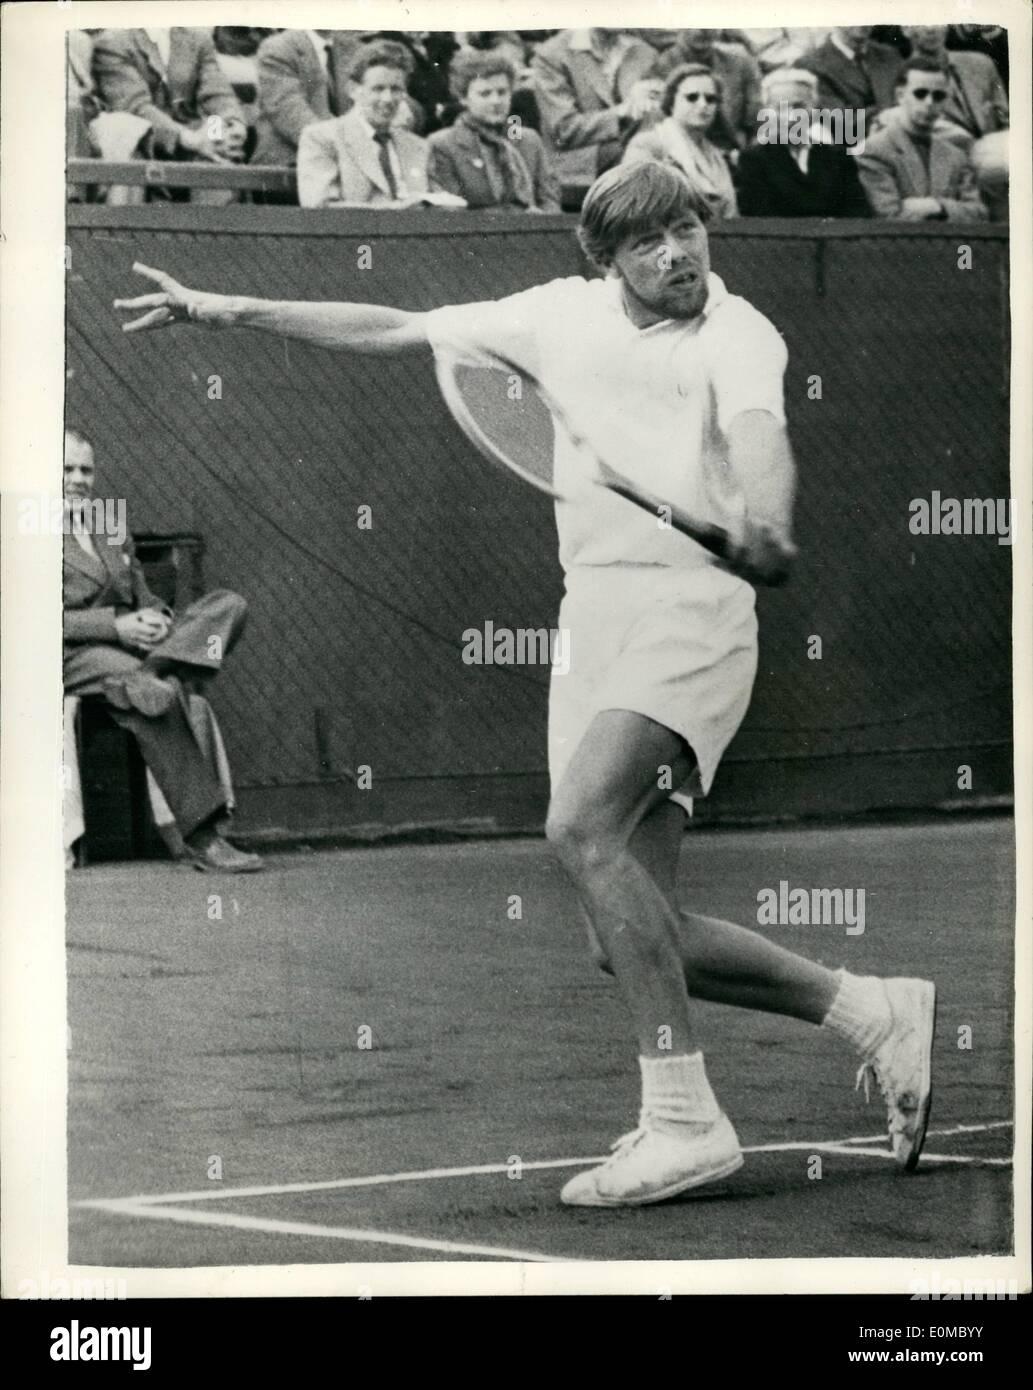 Jun 06 1954 Denmark Vs USA At Tennis Ulrich Beats Seixas